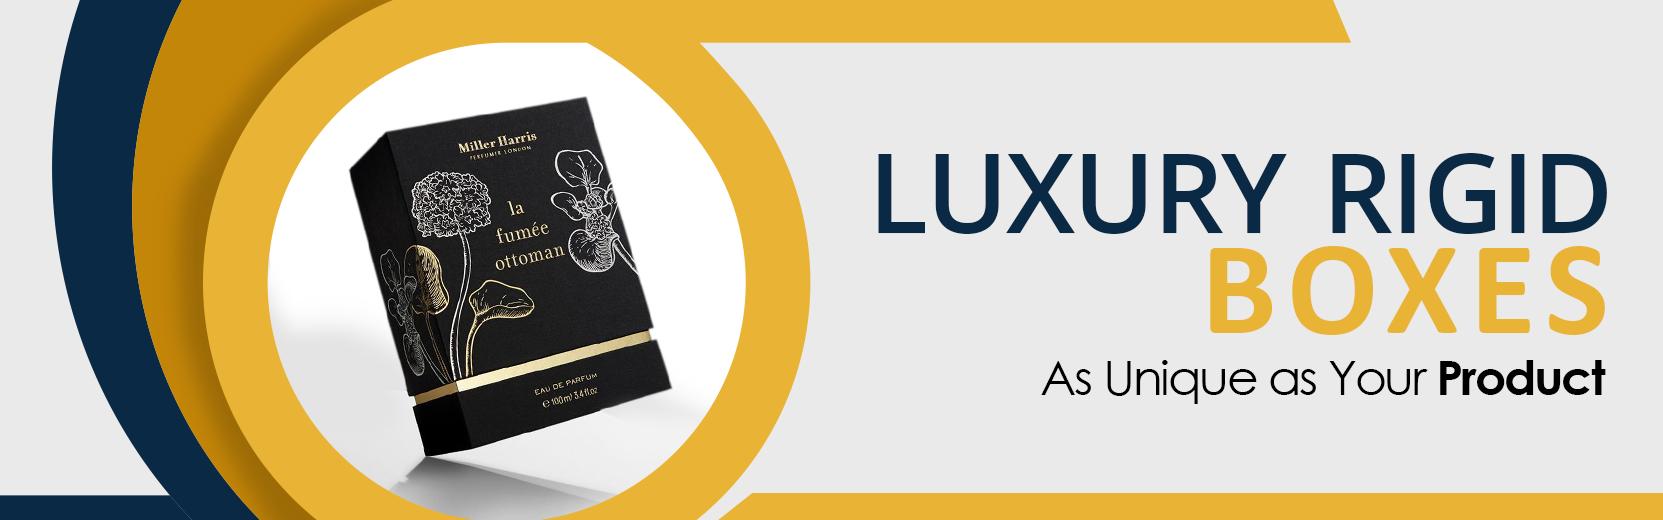 luxury-rigid-boxes